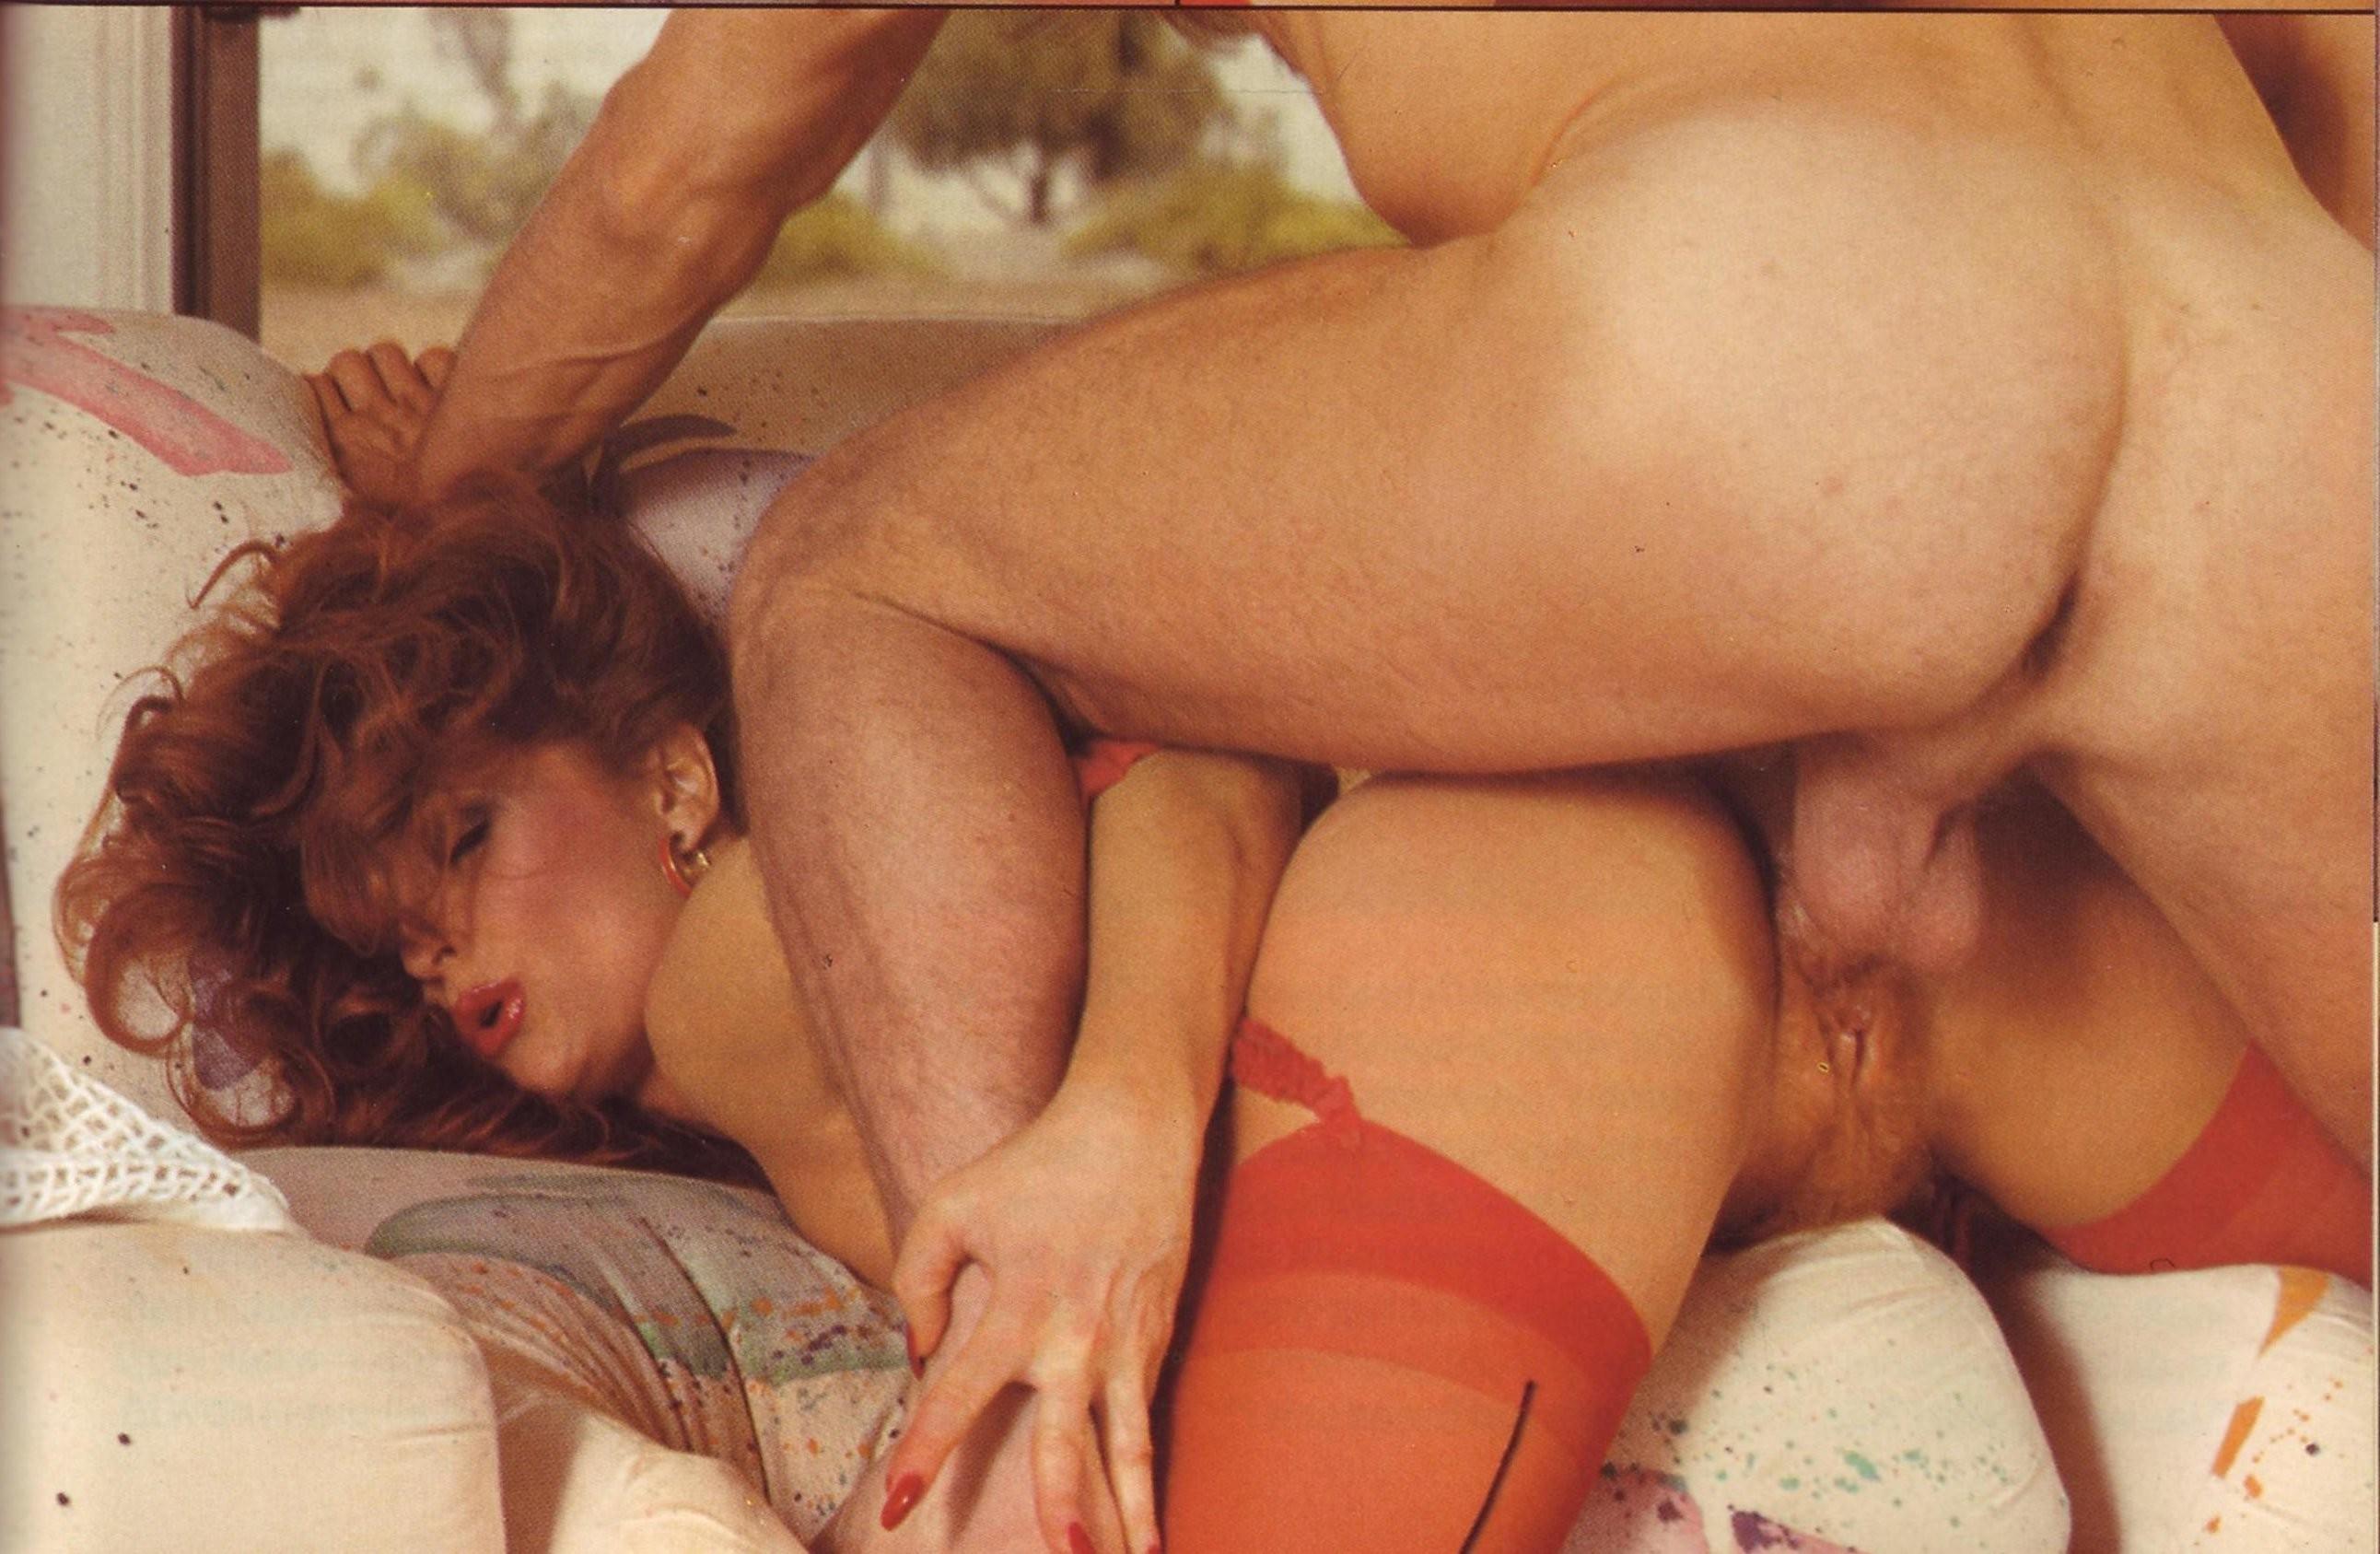 Old fashioned porn pics